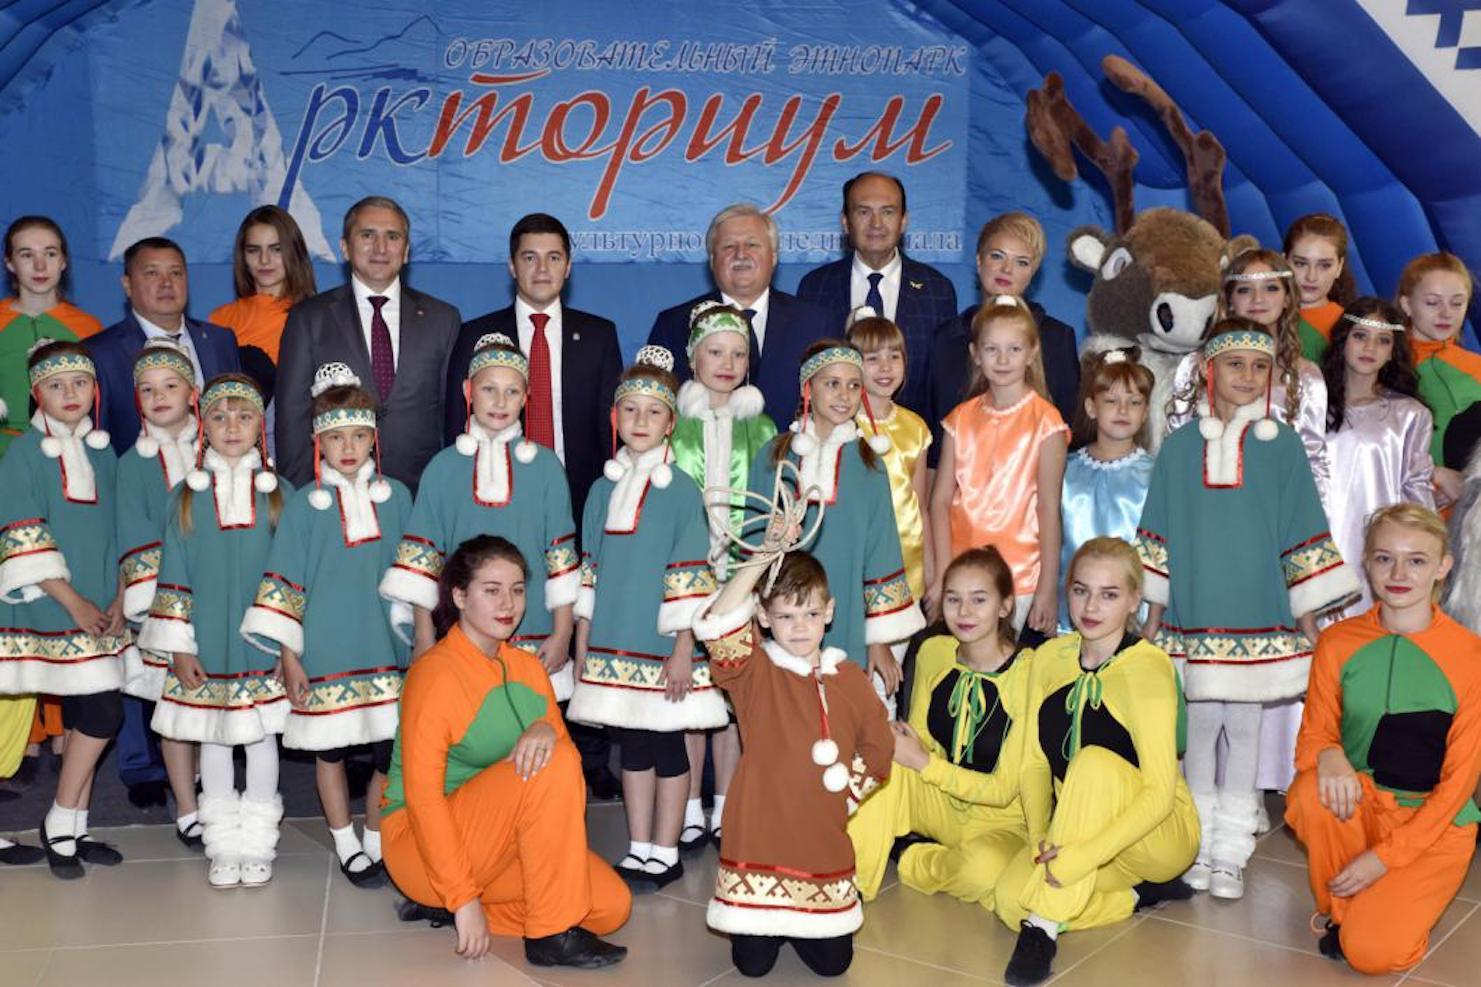 «Аркториум» представил Александру Моору и Дмитрию Артюхову традиции коренных малочисленных народов Севера